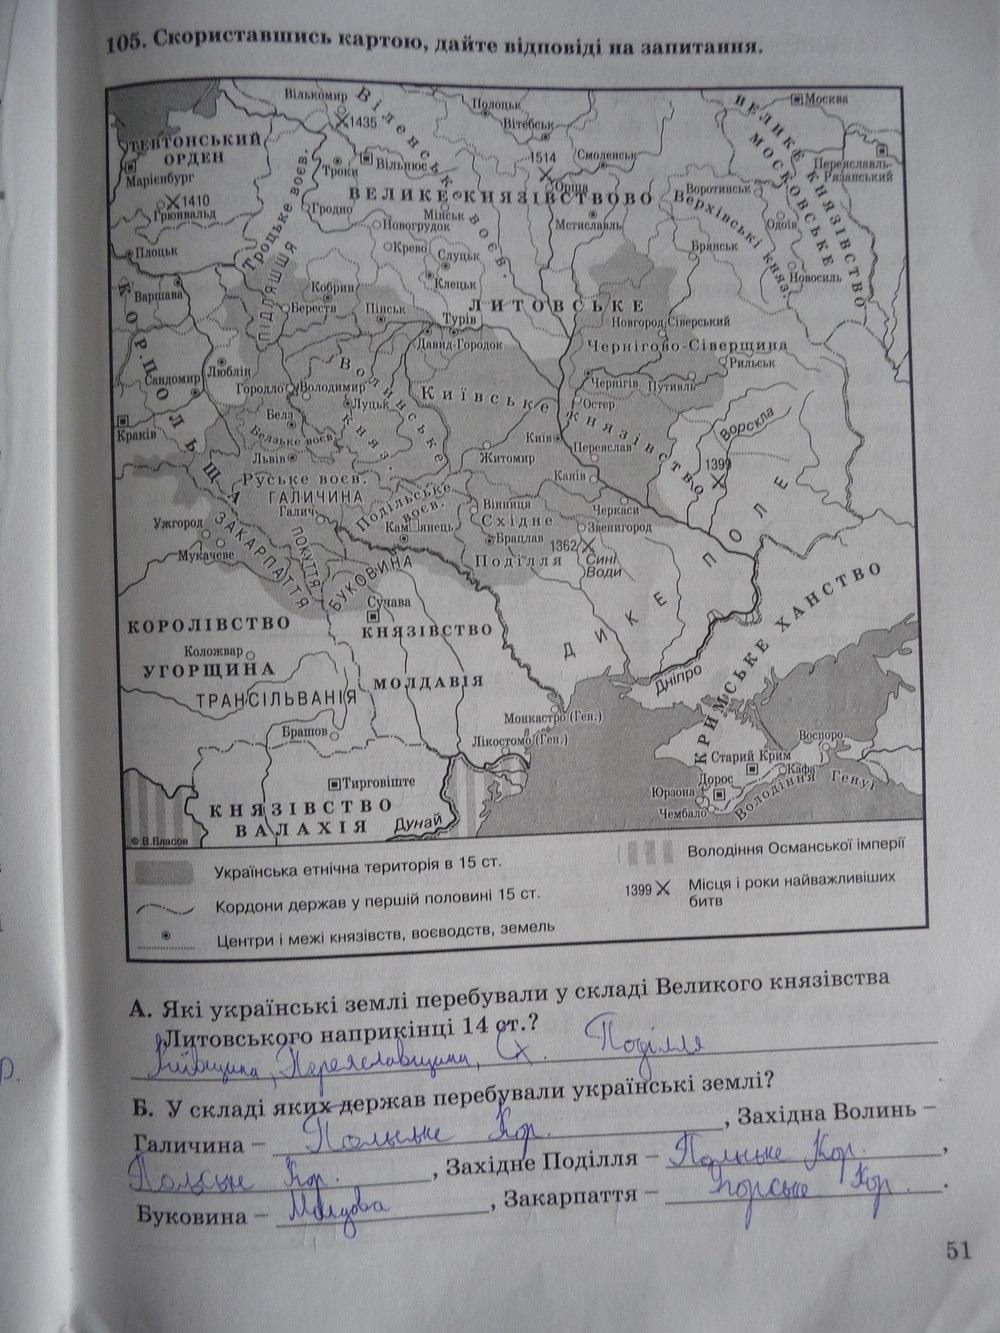 Відповіді власов зошит україни гдз історія клас 5